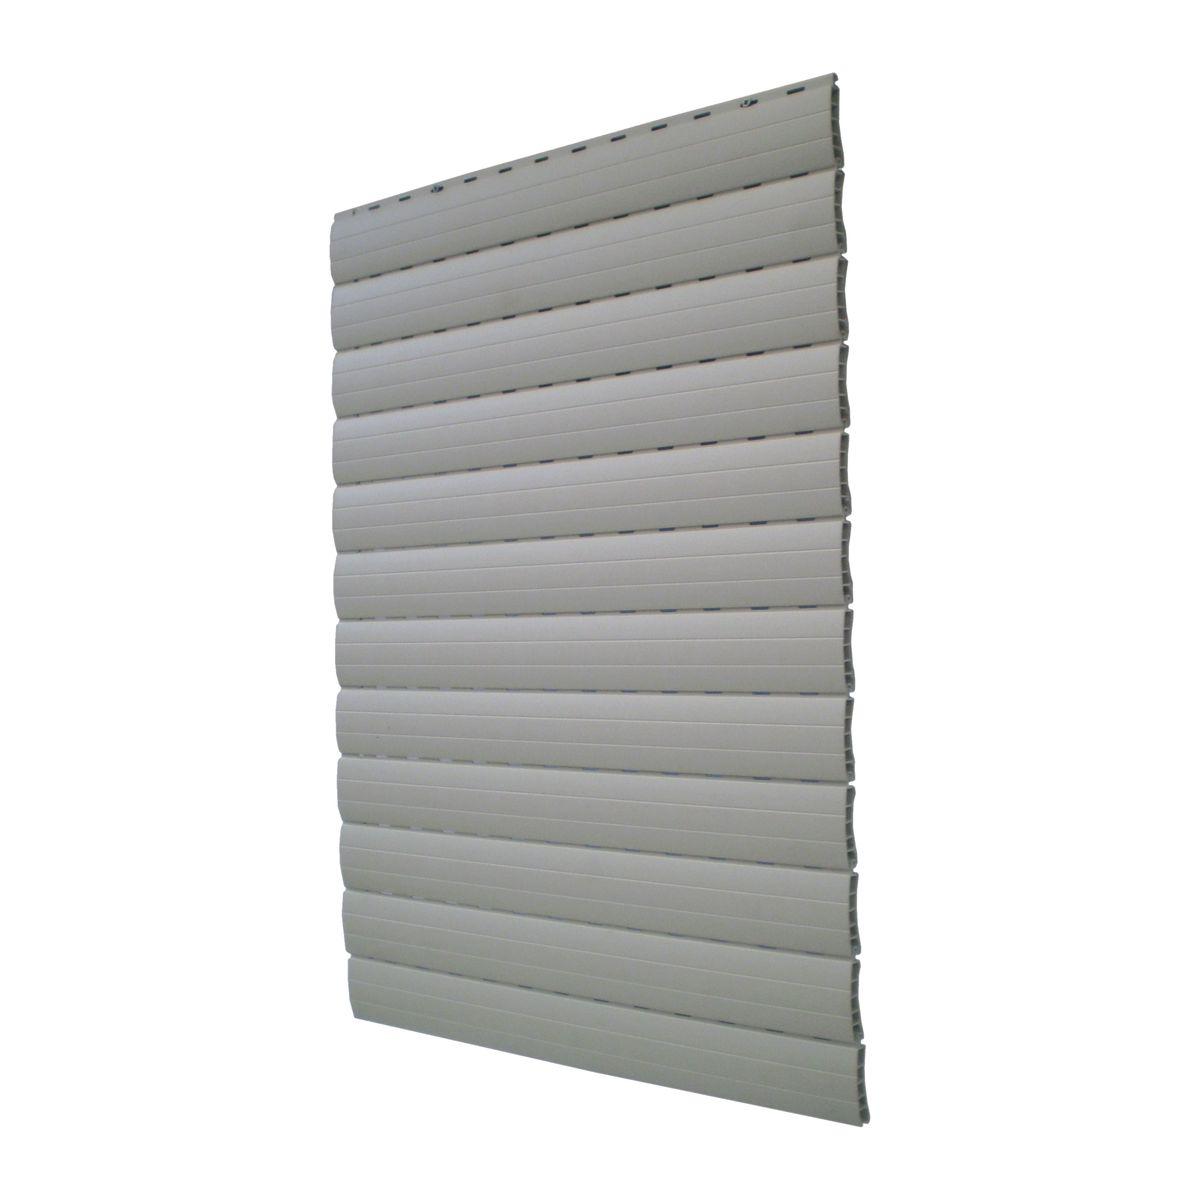 Best profili alluminio prezzi pictures for Profili alluminio leroy merlin